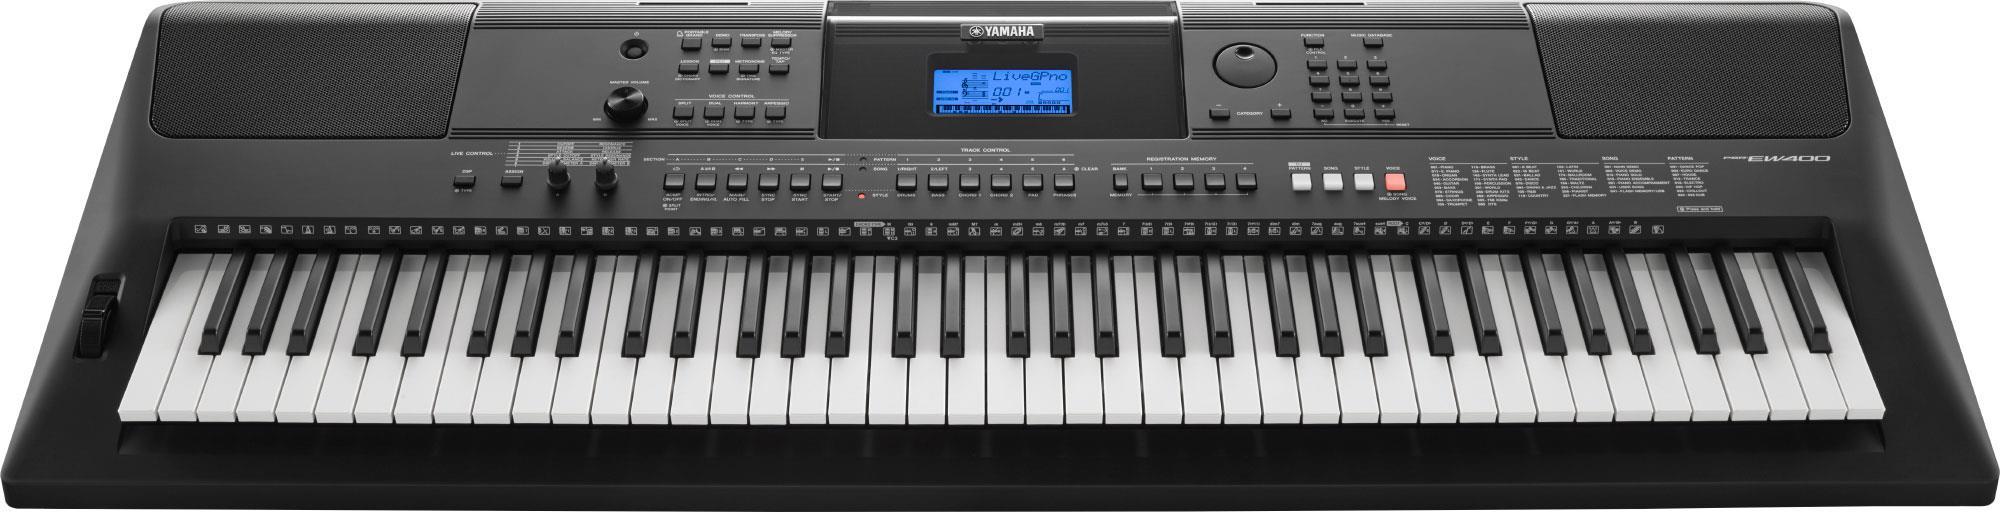 Workstation Keyboards 2018 : yamaha psr ew400 76 keys workstat end 8 31 2019 10 15 pm ~ Russianpoet.info Haus und Dekorationen